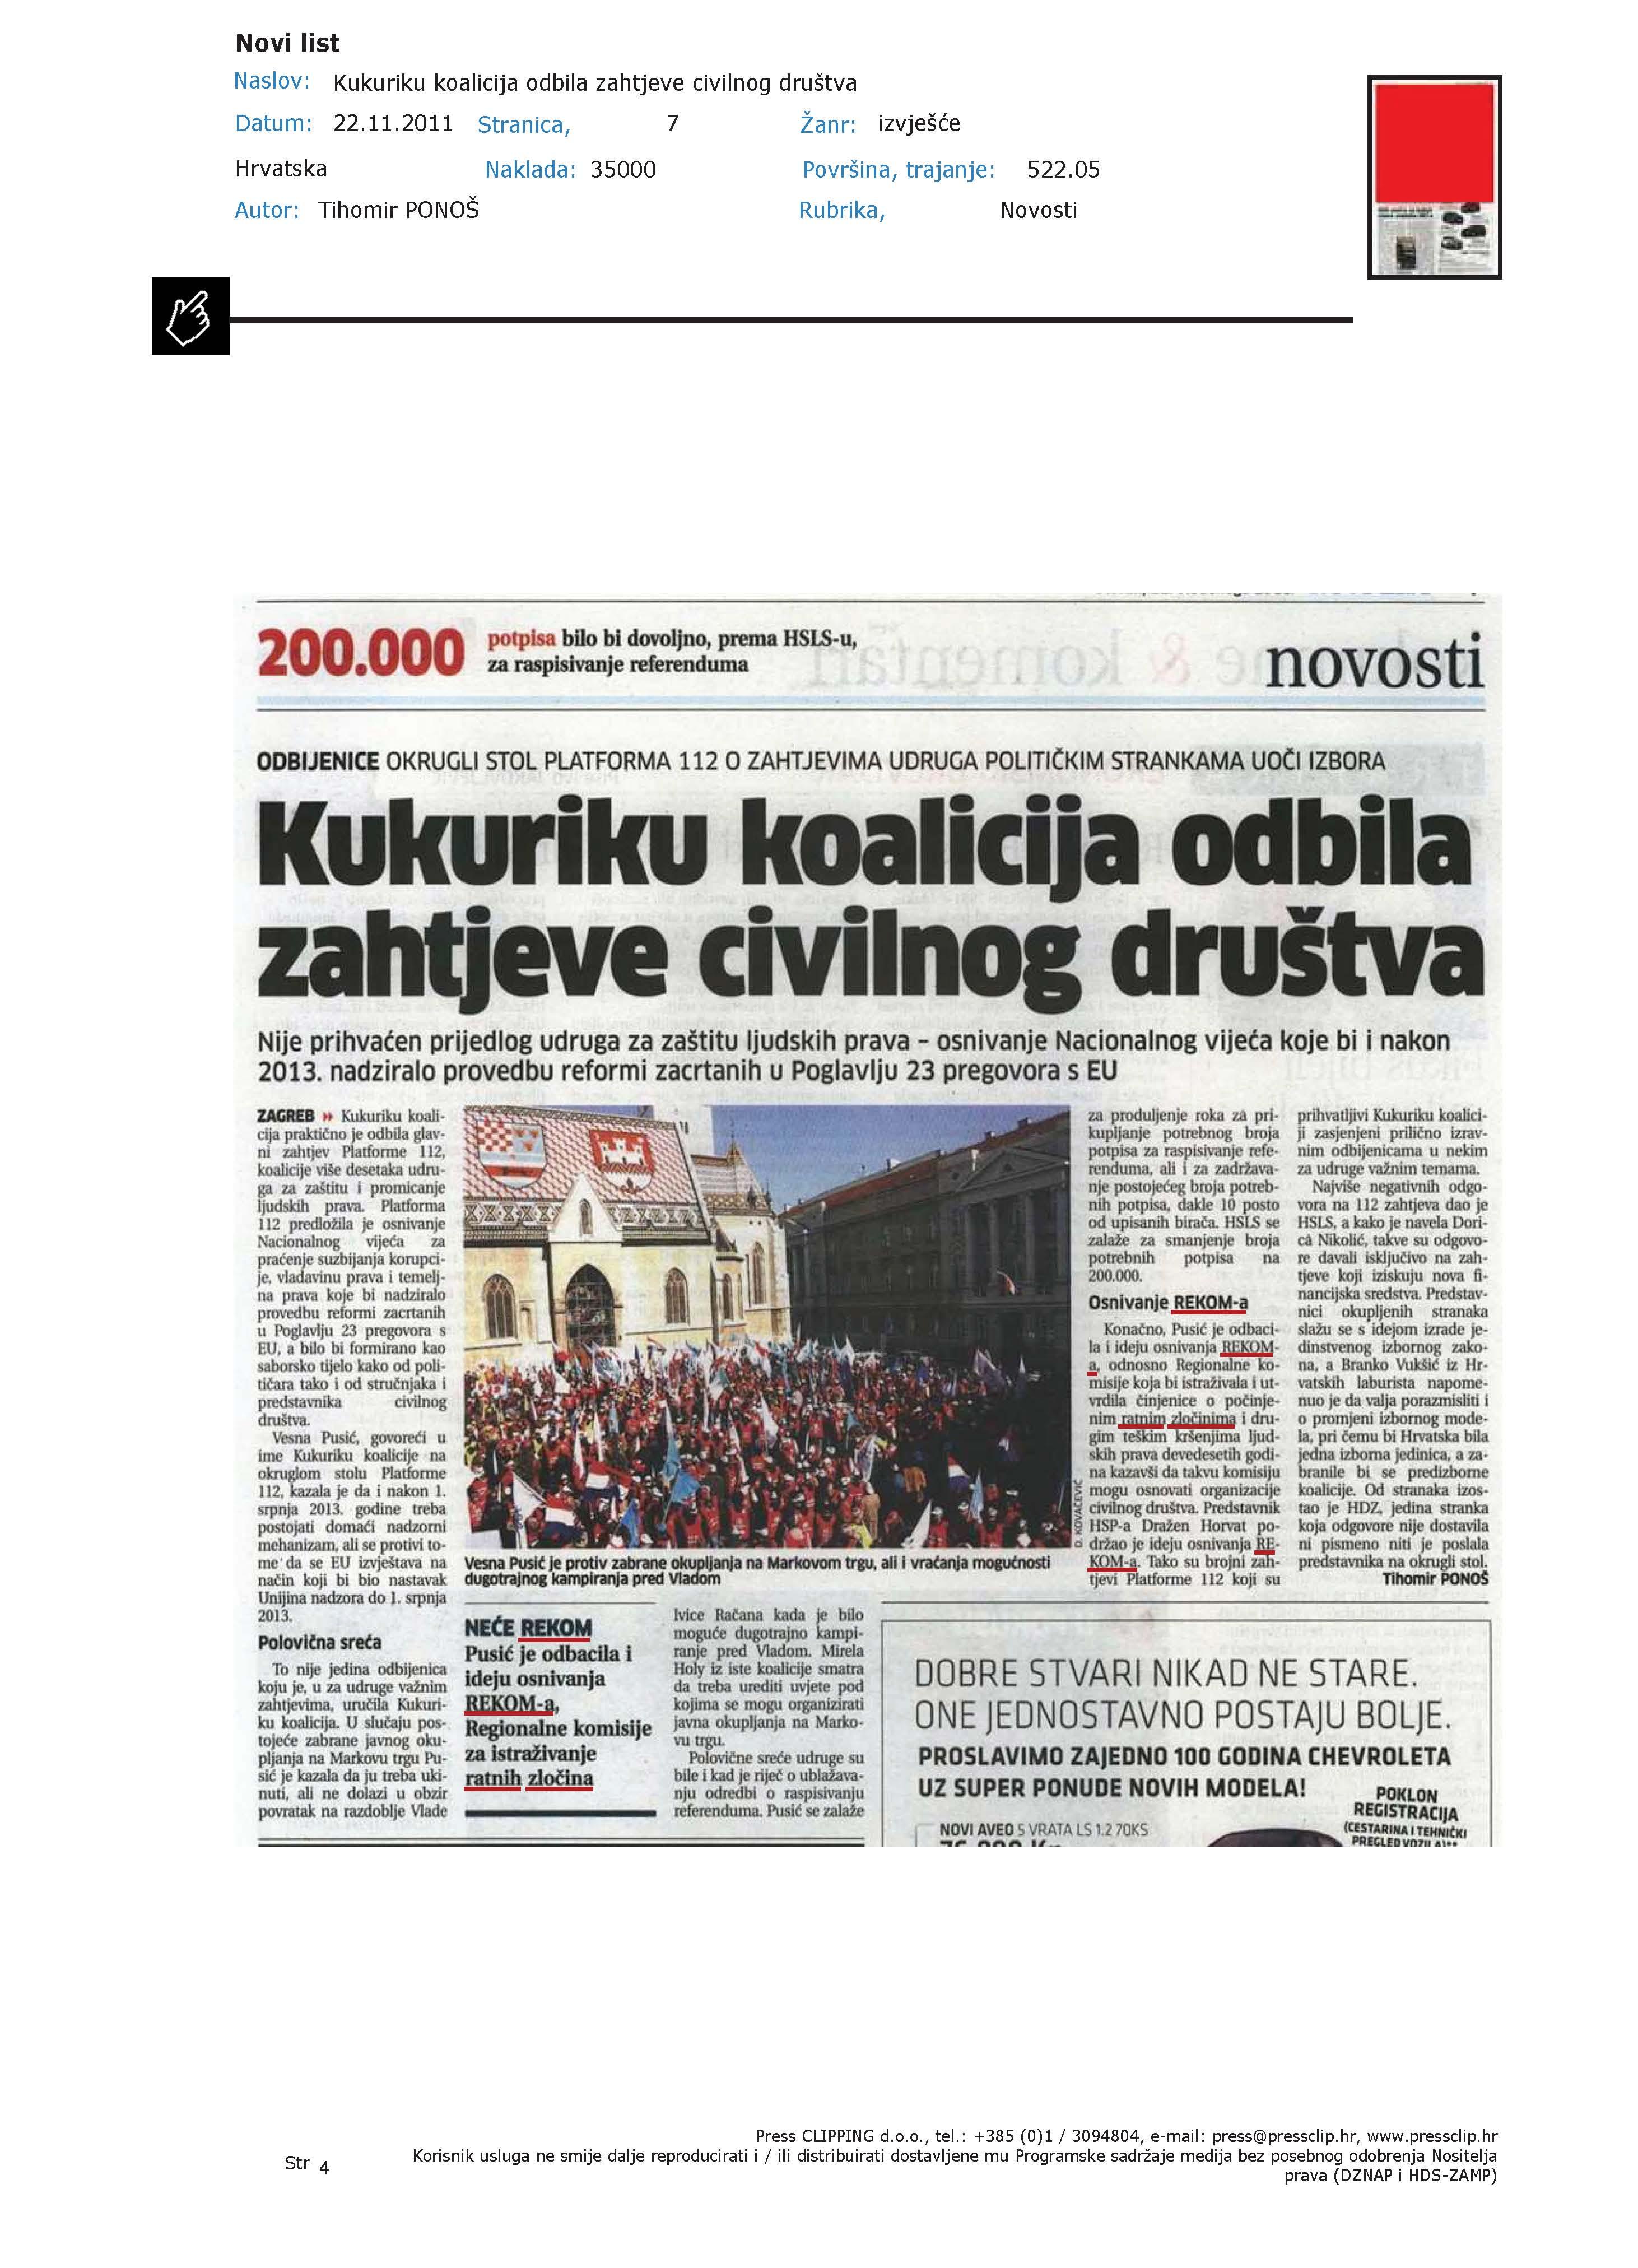 Novi list-Kukuriku koalicija odbila zahtijeve civilnog društva-22.11.2011.